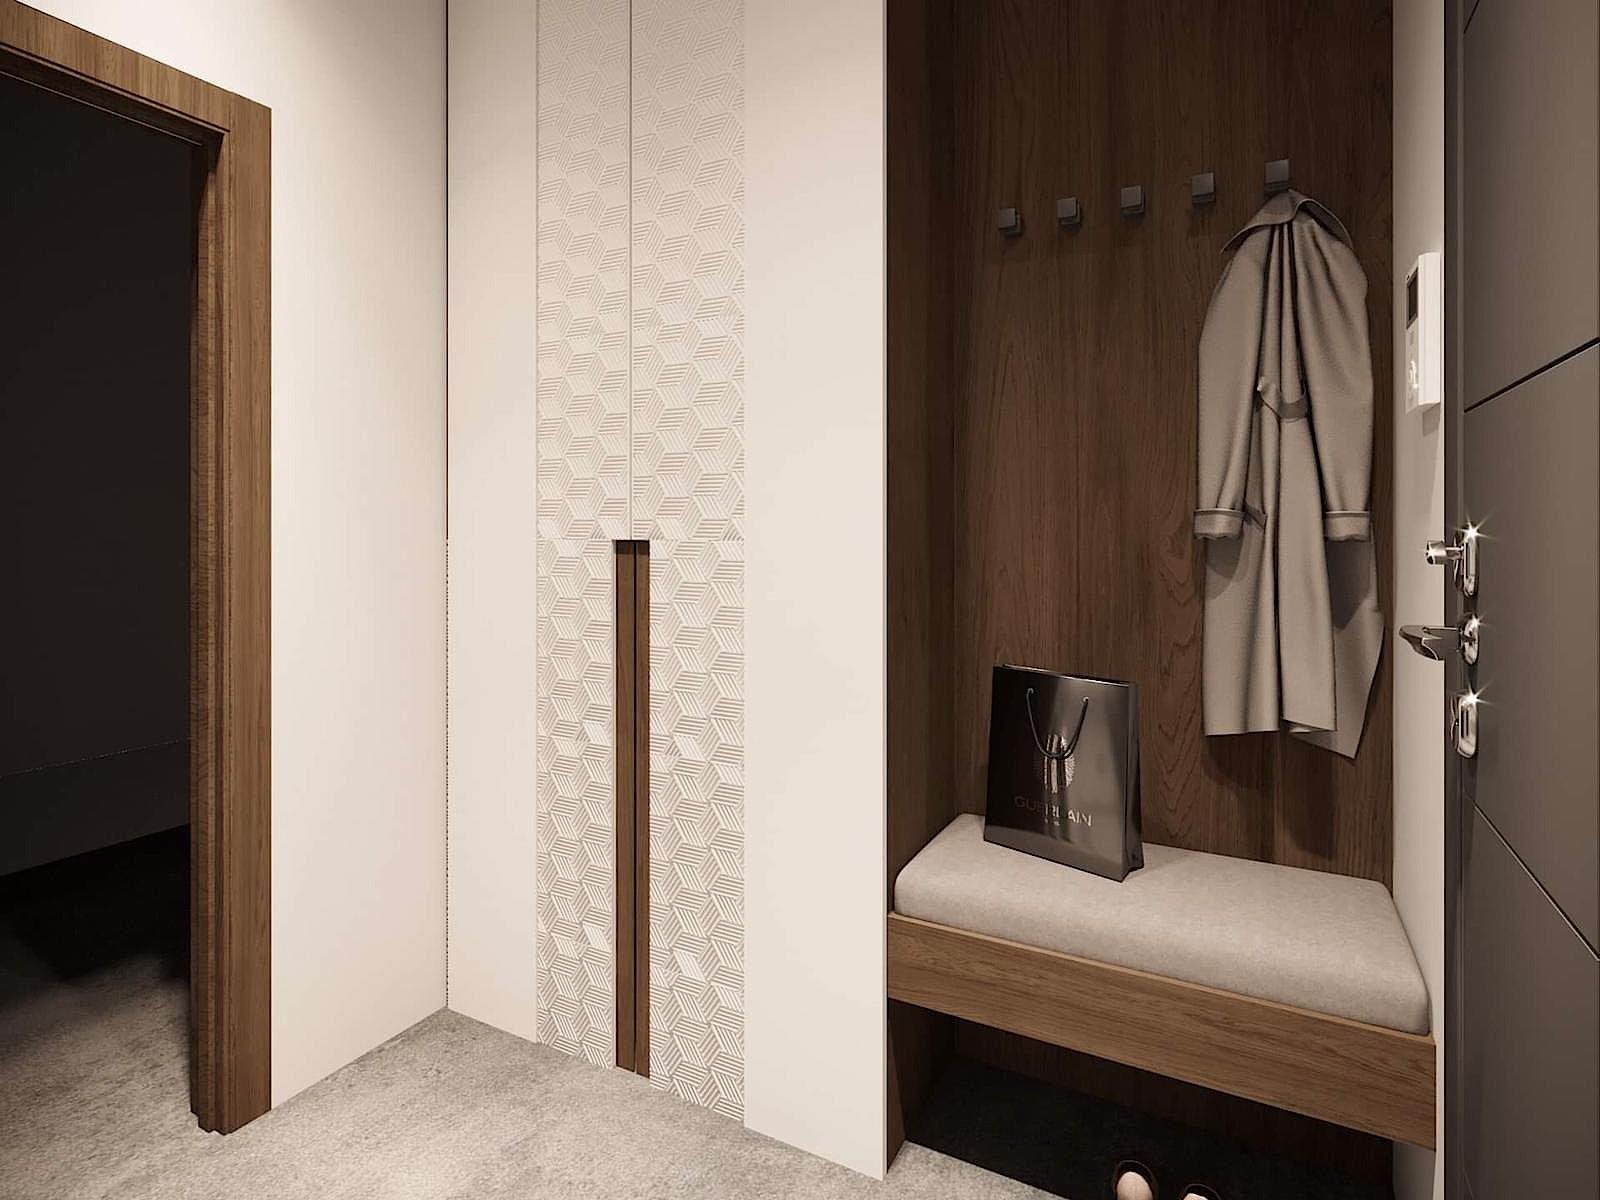 Drzwi ozdobne do szafy wewnętrzne